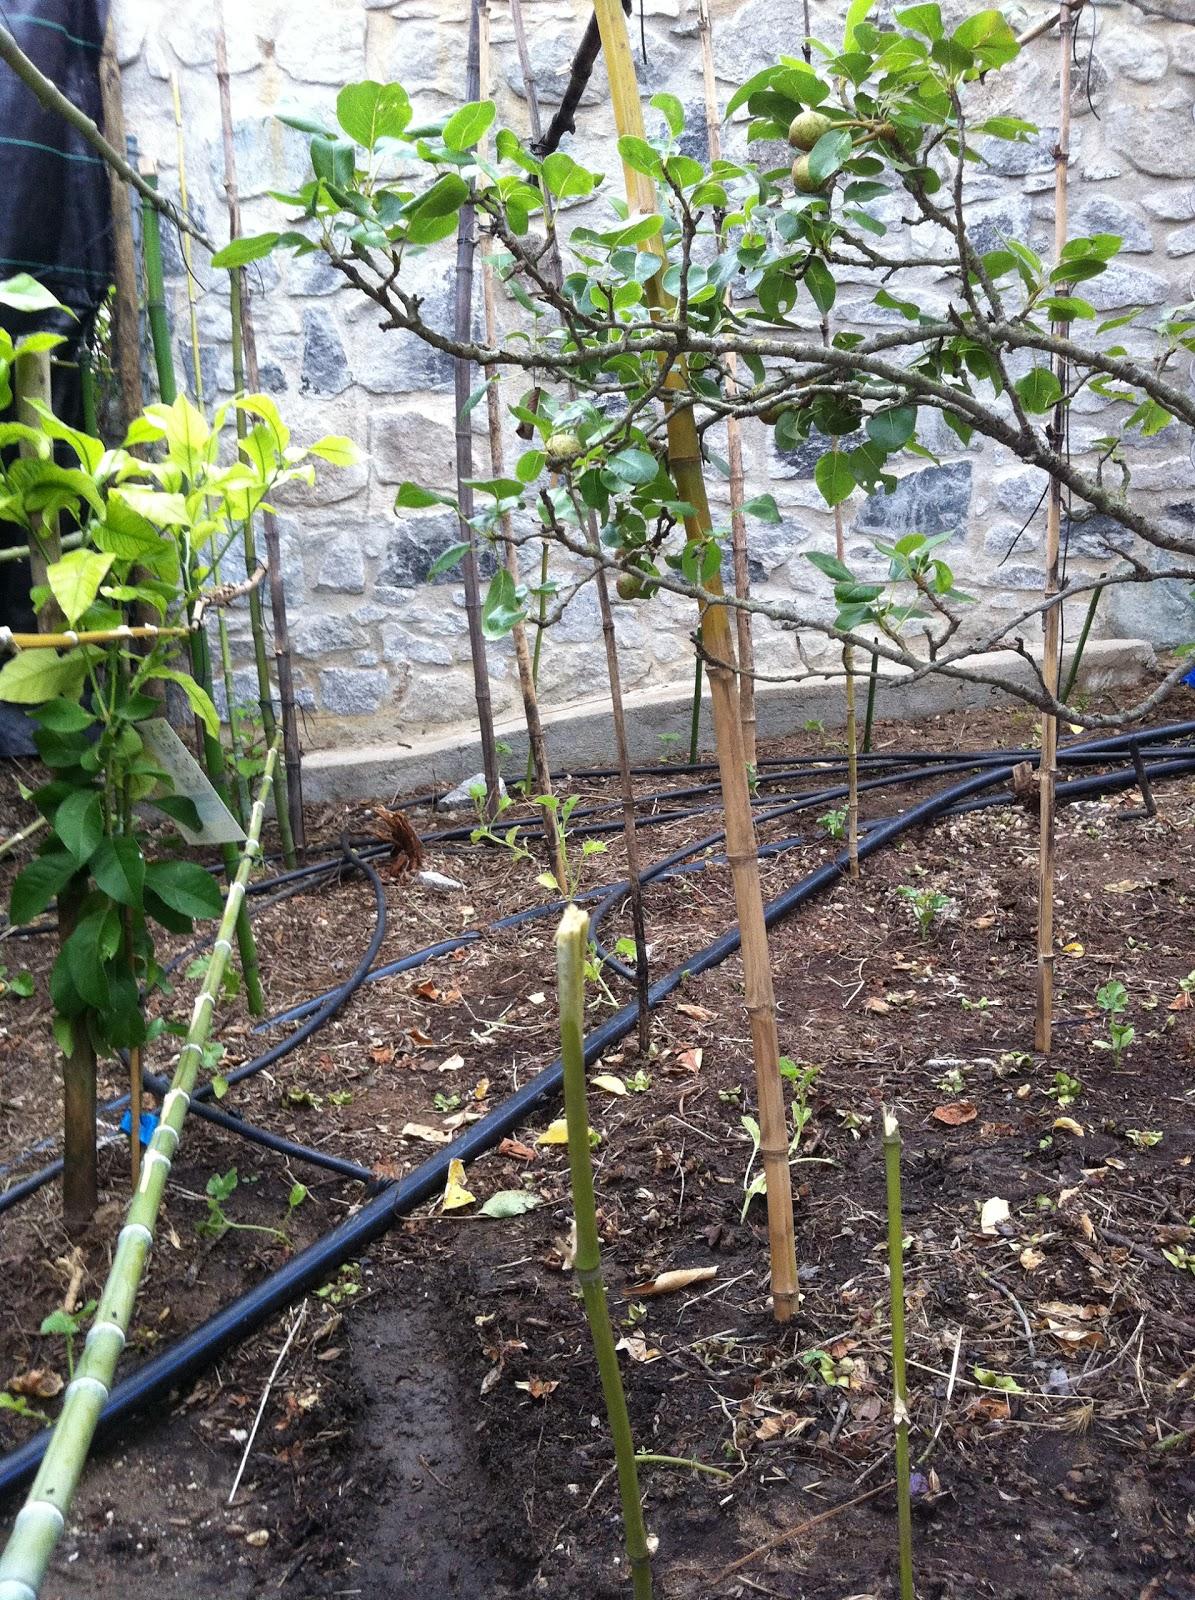 imagens de jardim horta e pomar : imagens de jardim horta e pomar:Coisas do jardim, do pomar e da horta: Iniciando a minha horta